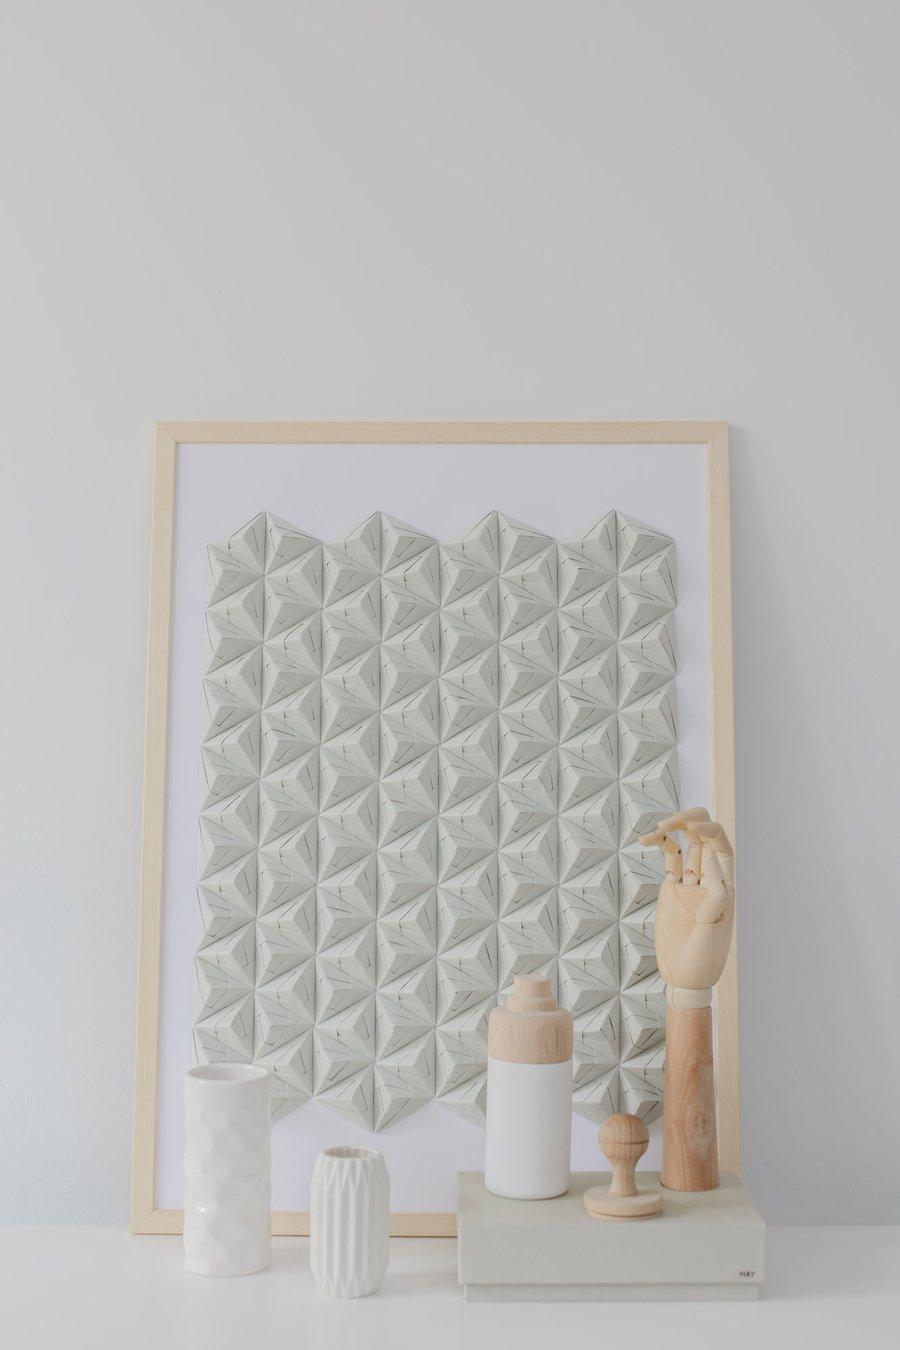 Image of WALL ART COLLECTION / Dobrze się składa